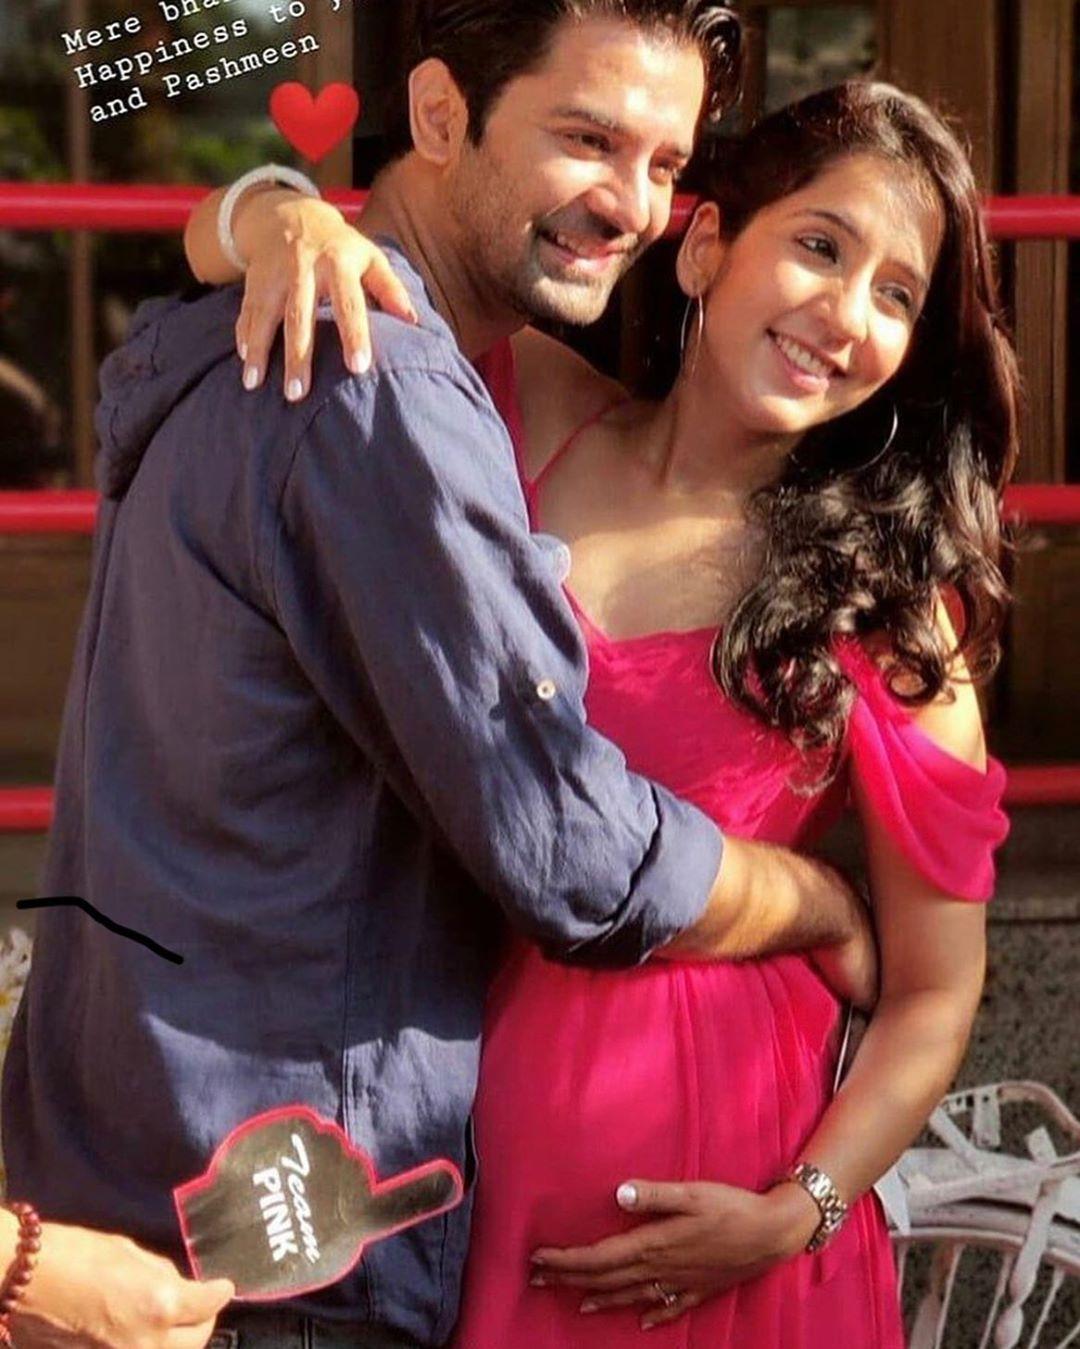 Bollywood Tadka,बरुन सोबती इमेज,बरुन सोबती फोटो, बरुन सोबती पिक्चर, पशमीन मनचंदा इमेज,पशमीन मनचंदा फोटो, पशमीन मनचंदा पिक्चर